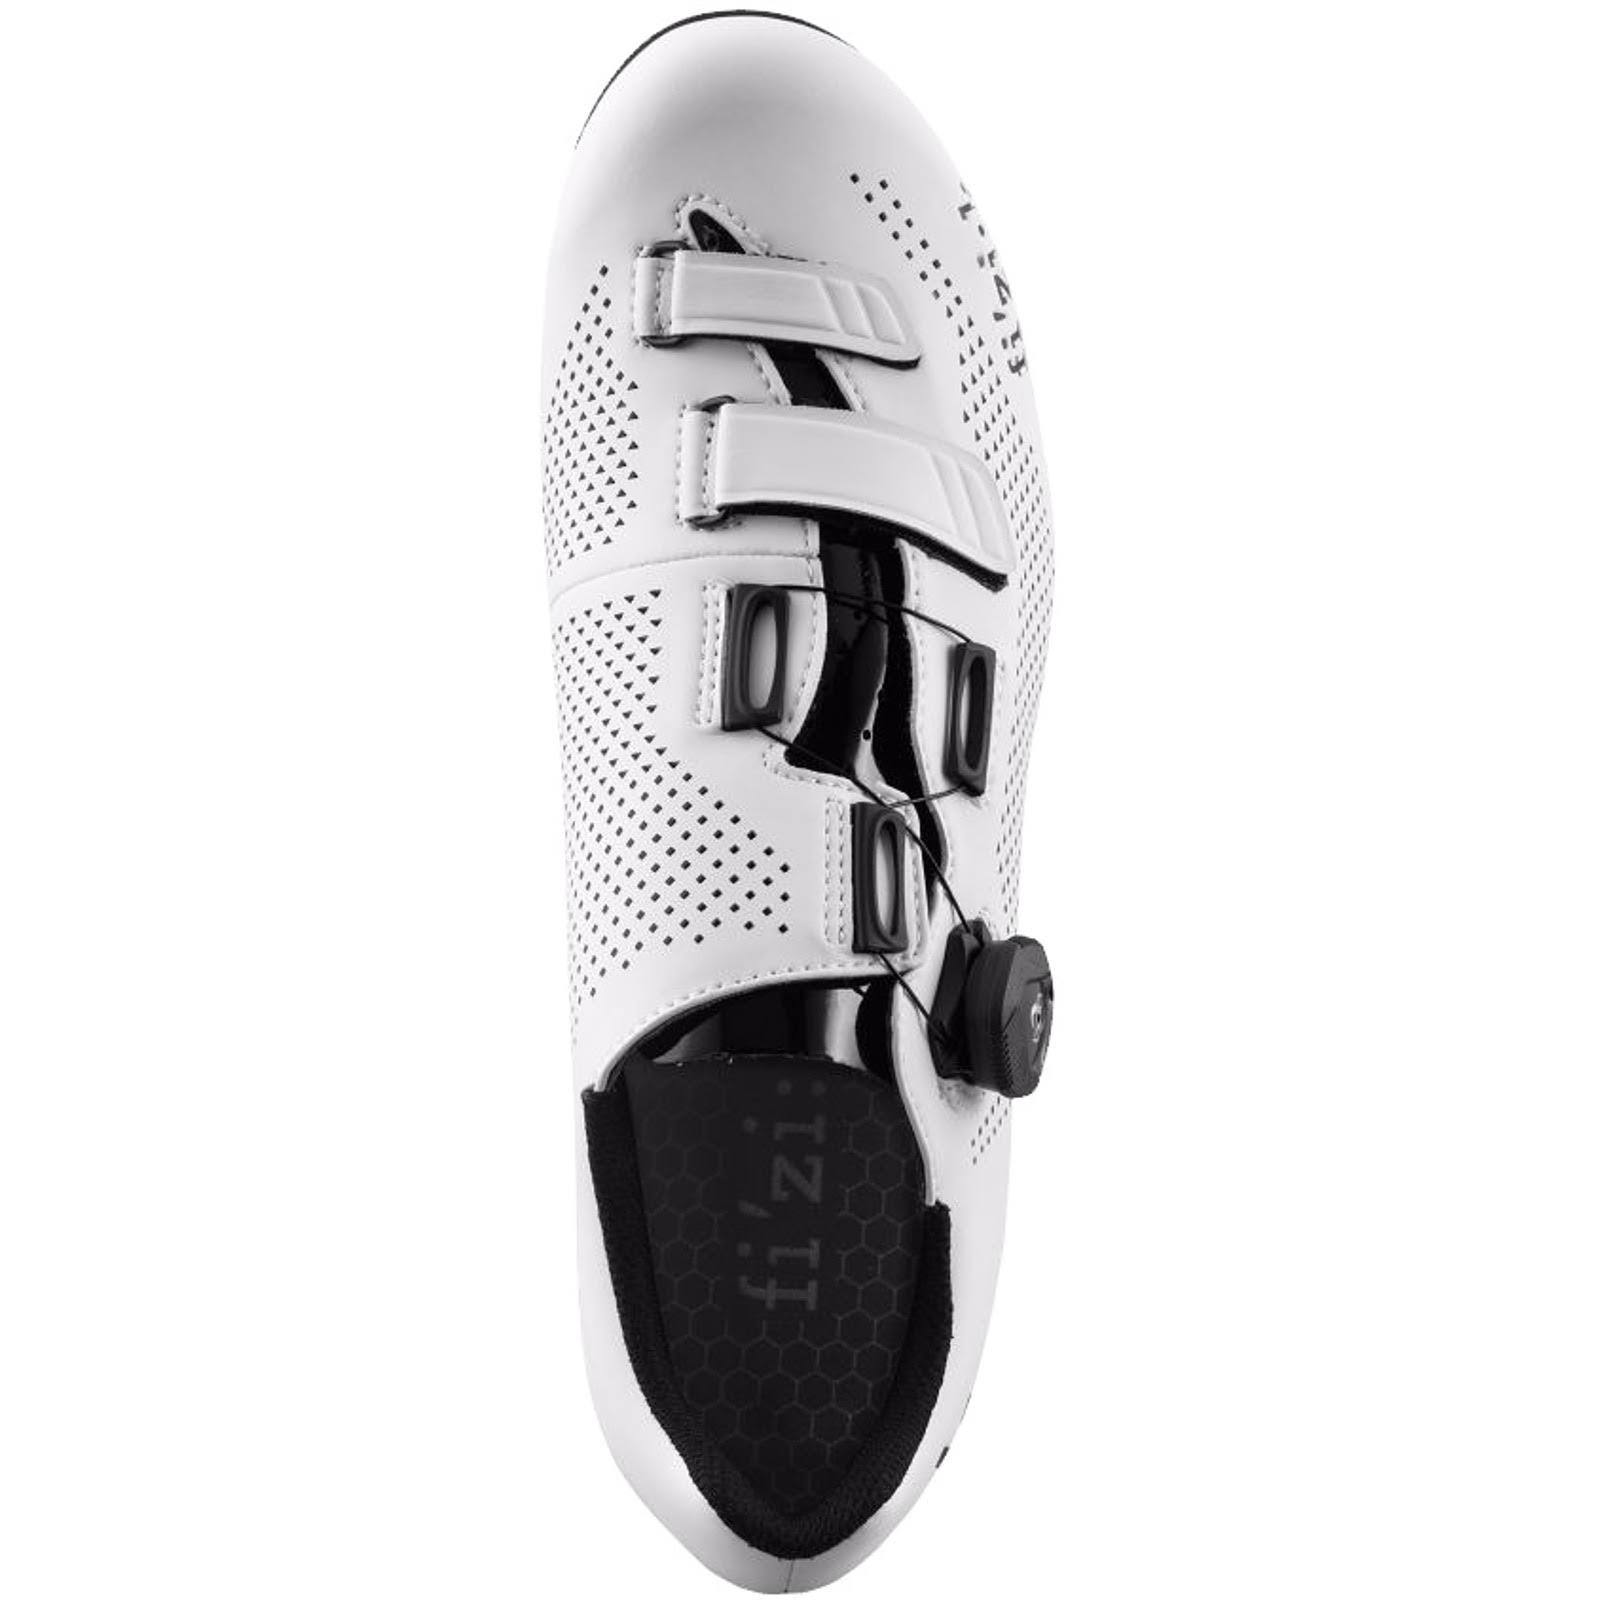 Road Shoe Fizik R4b White46 7yfgYbv6